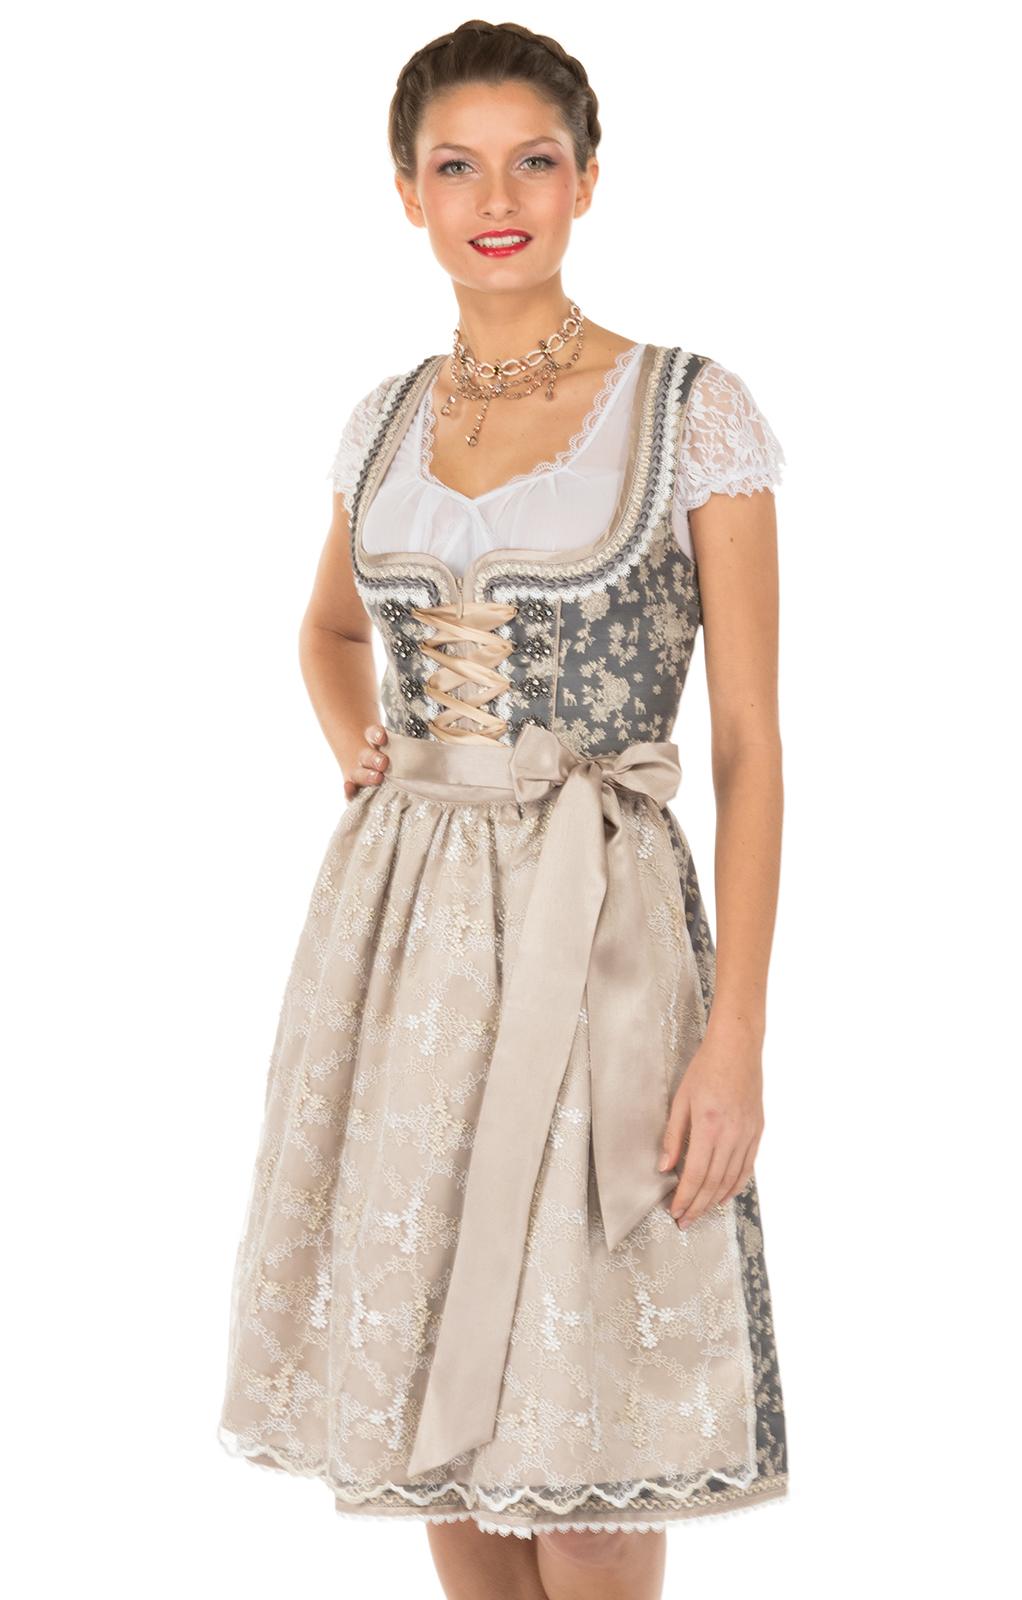 oktoberfest dirndl folk dress the dirndl midi dirndl traditional dress german clothing. Black Bedroom Furniture Sets. Home Design Ideas